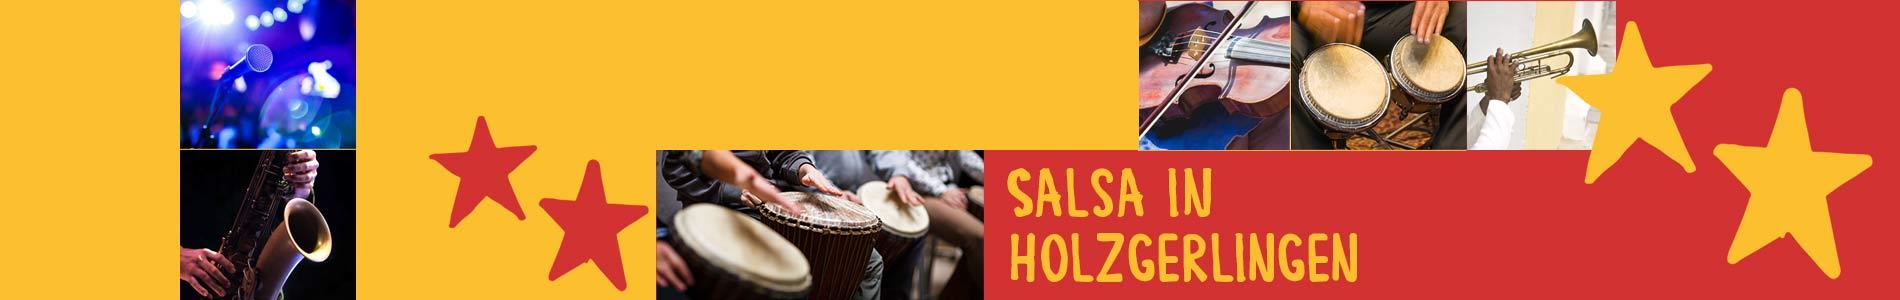 Salsa in Gerlingen – Salsa lernen und tanzen, Tanzkurse, Partys, Veranstaltungen